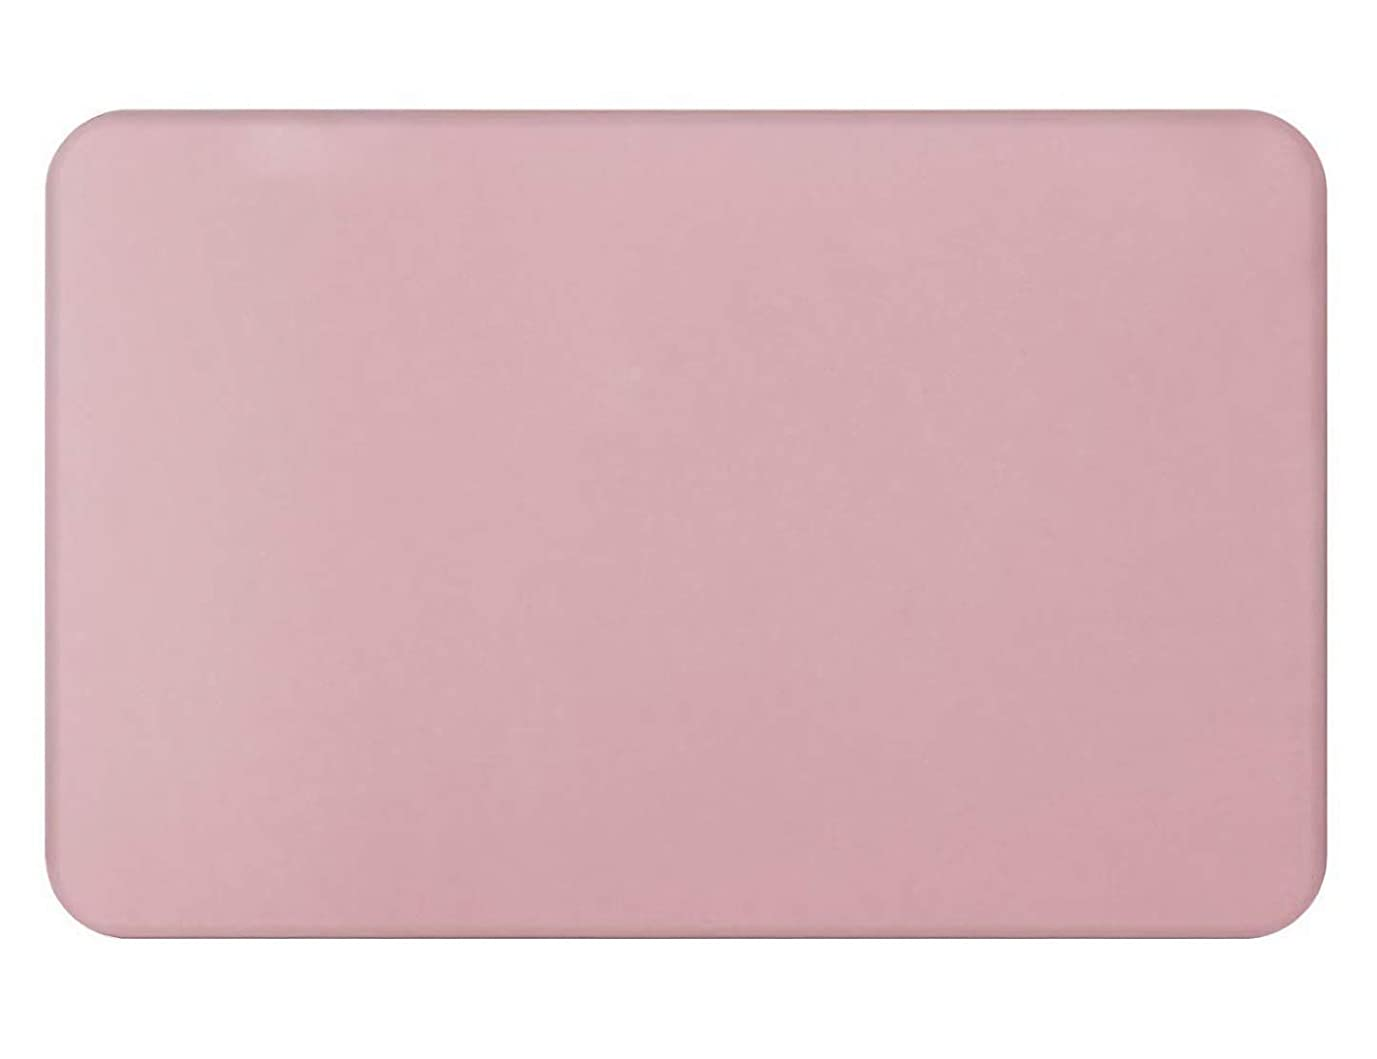 練習したみなさん関係するCONNECT-J 珪藻土バスマット 風呂マット 足拭きマット 防カビ 防ダニ 天然素材 吸水 速乾 抗菌 消臭 花崗岩紋 60cm×39cm×1cm (ピンク無地)